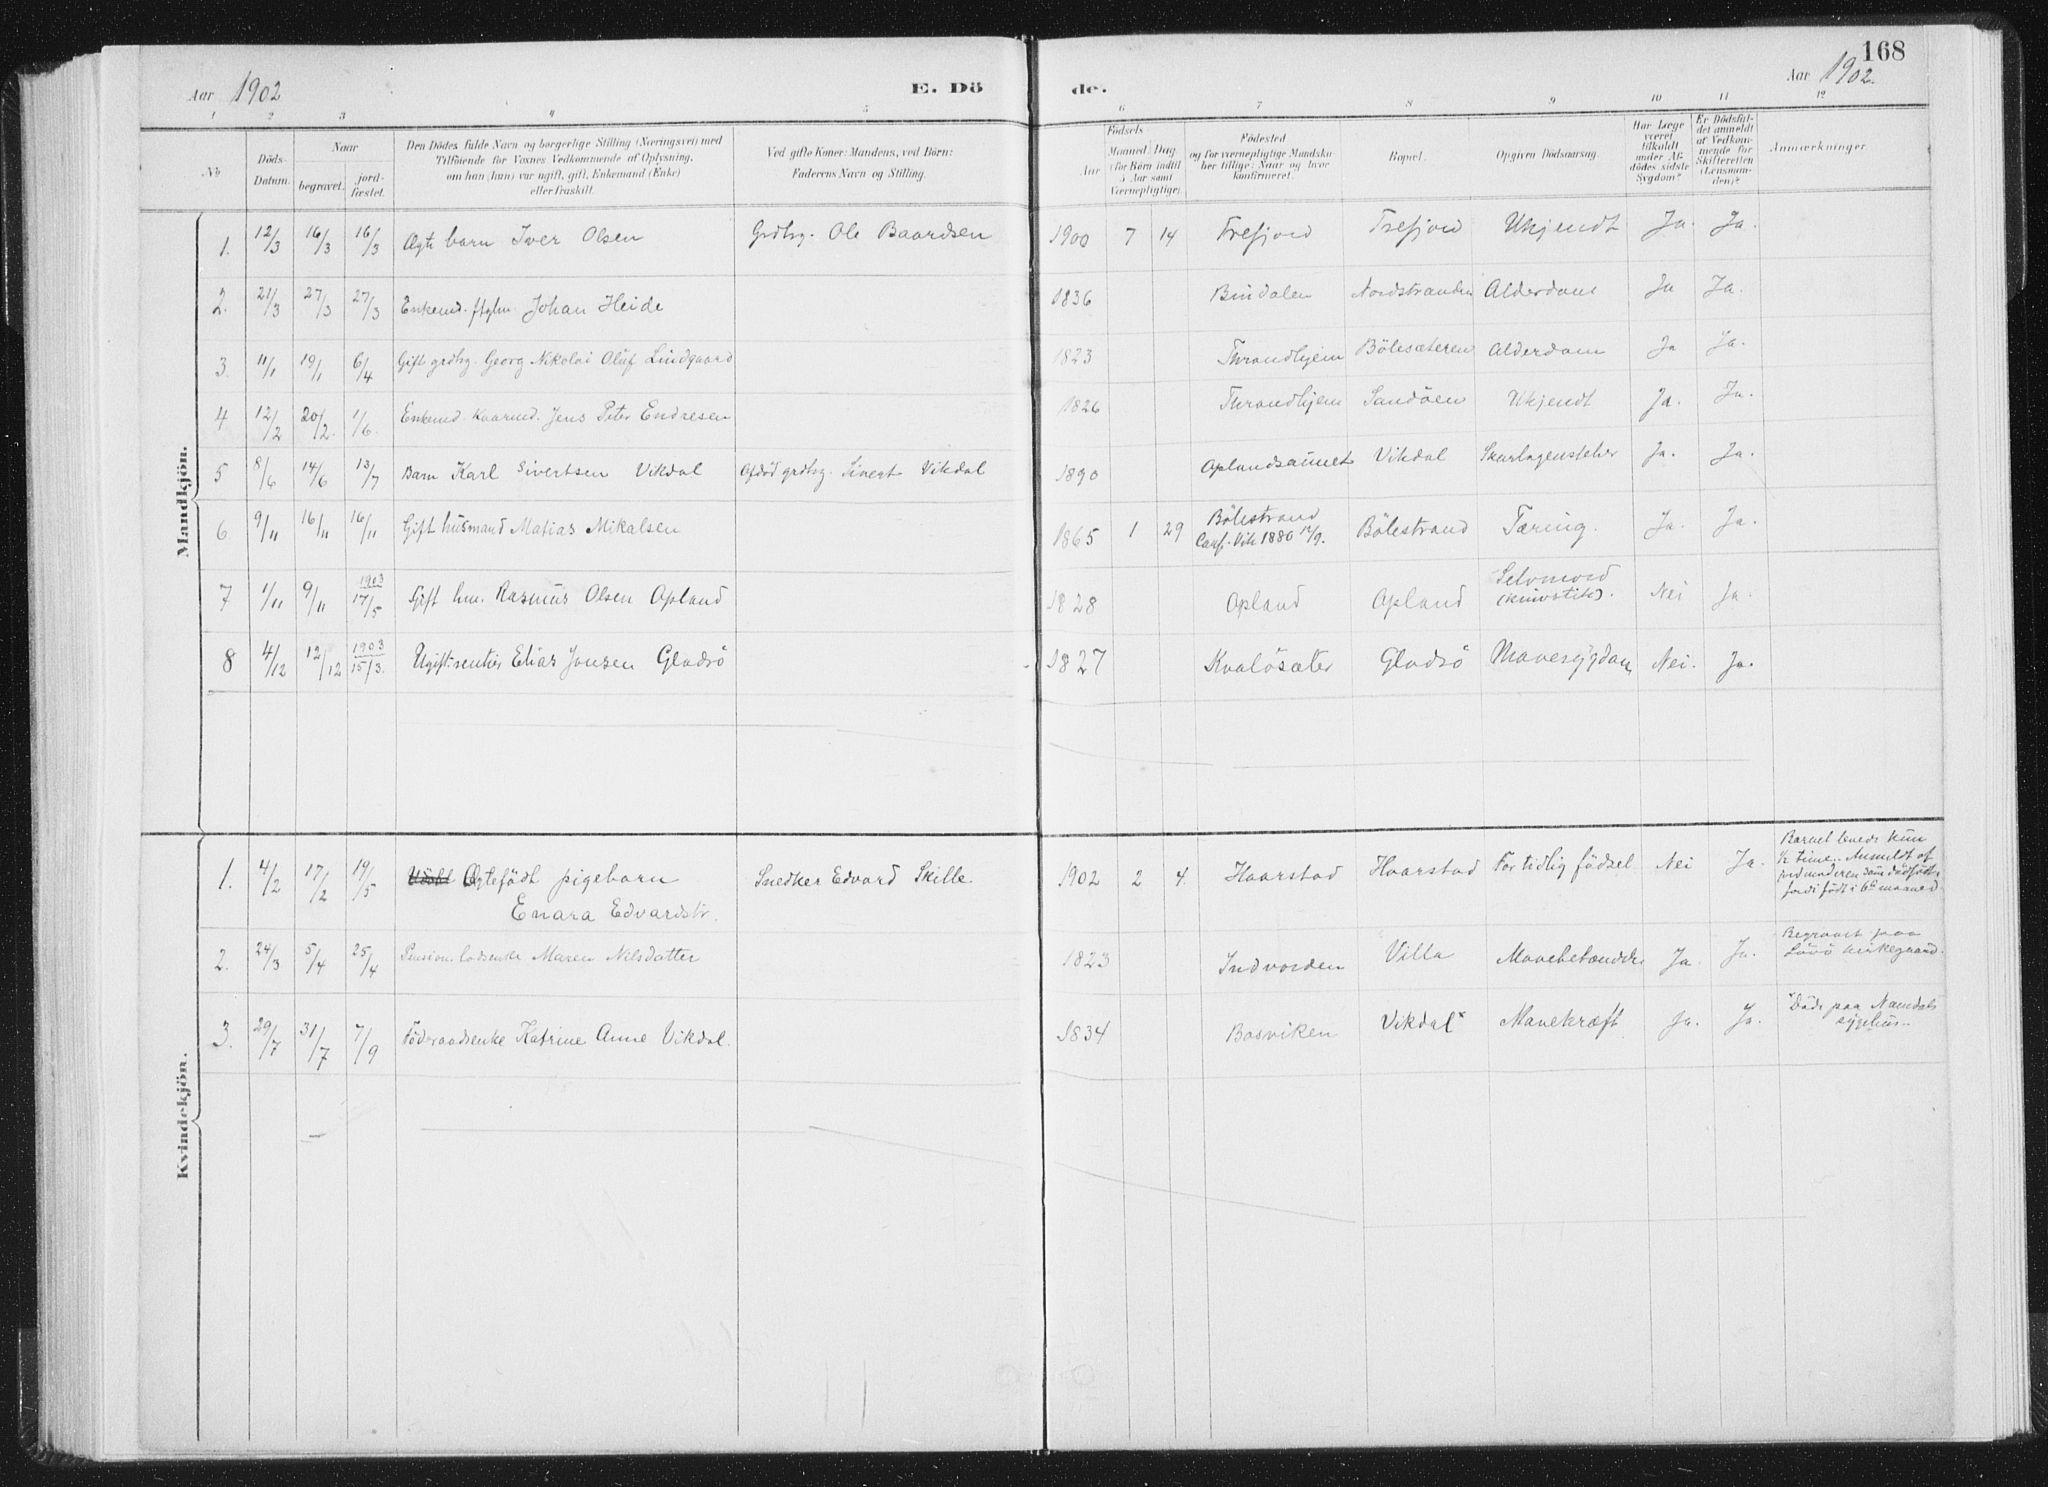 SAT, Ministerialprotokoller, klokkerbøker og fødselsregistre - Nord-Trøndelag, 771/L0597: Ministerialbok nr. 771A04, 1885-1910, s. 168